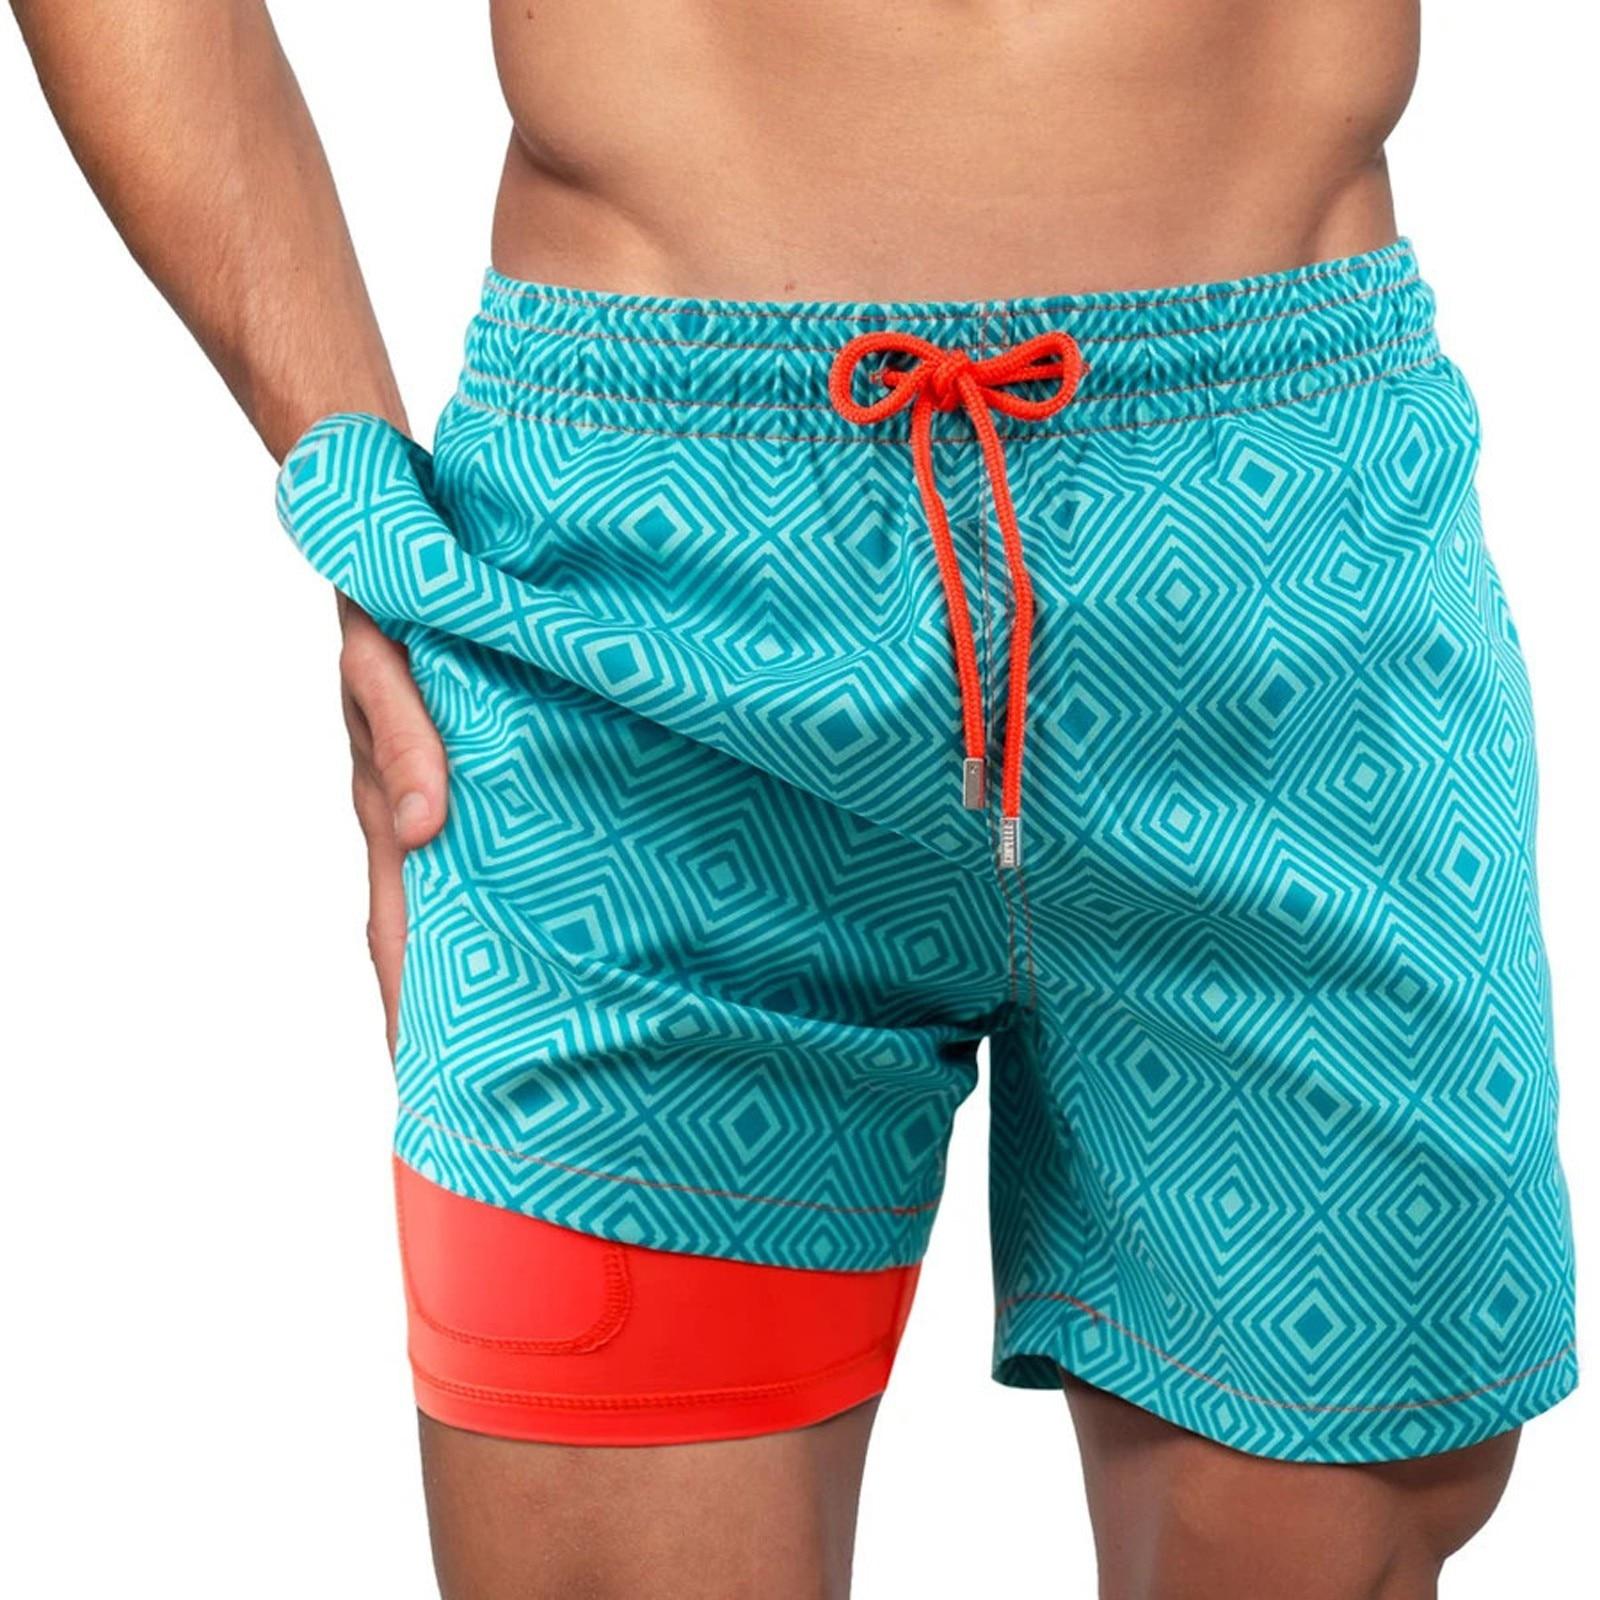 Мужские камуфляжные шорты для бега 2021, мужские двухуровневые быстросохнущие тренировочные шорты 2 в 1 для спортзала, мужские пляжные шорты